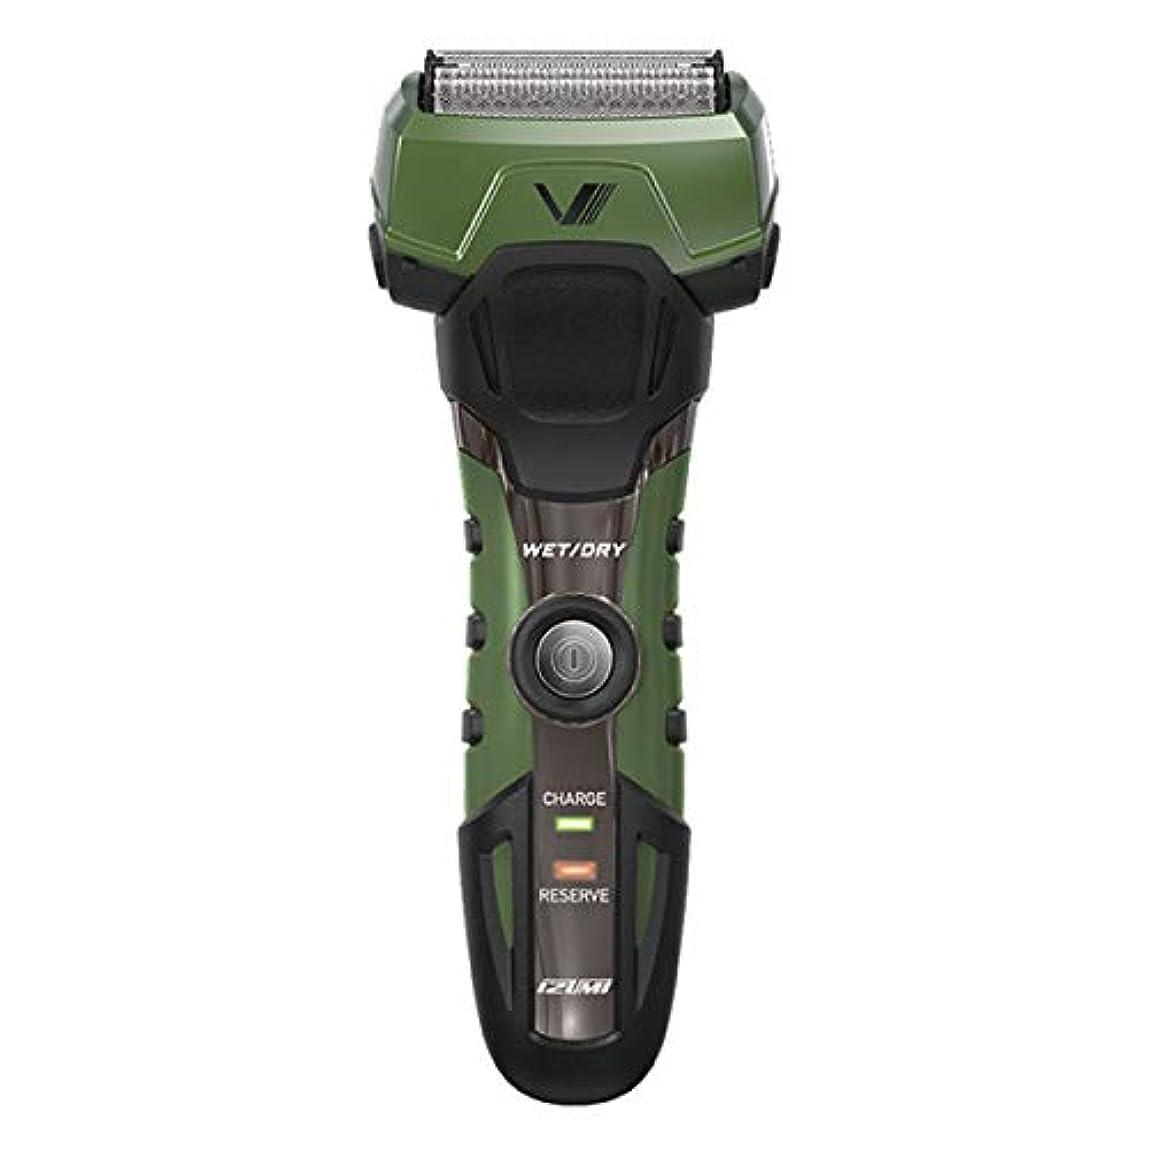 消毒剤同意はっきりしないIZUMI A-DRIVE グルーミングシリーズ 往復式シェーバー 4枚刃 グリーン IZF-V758-G